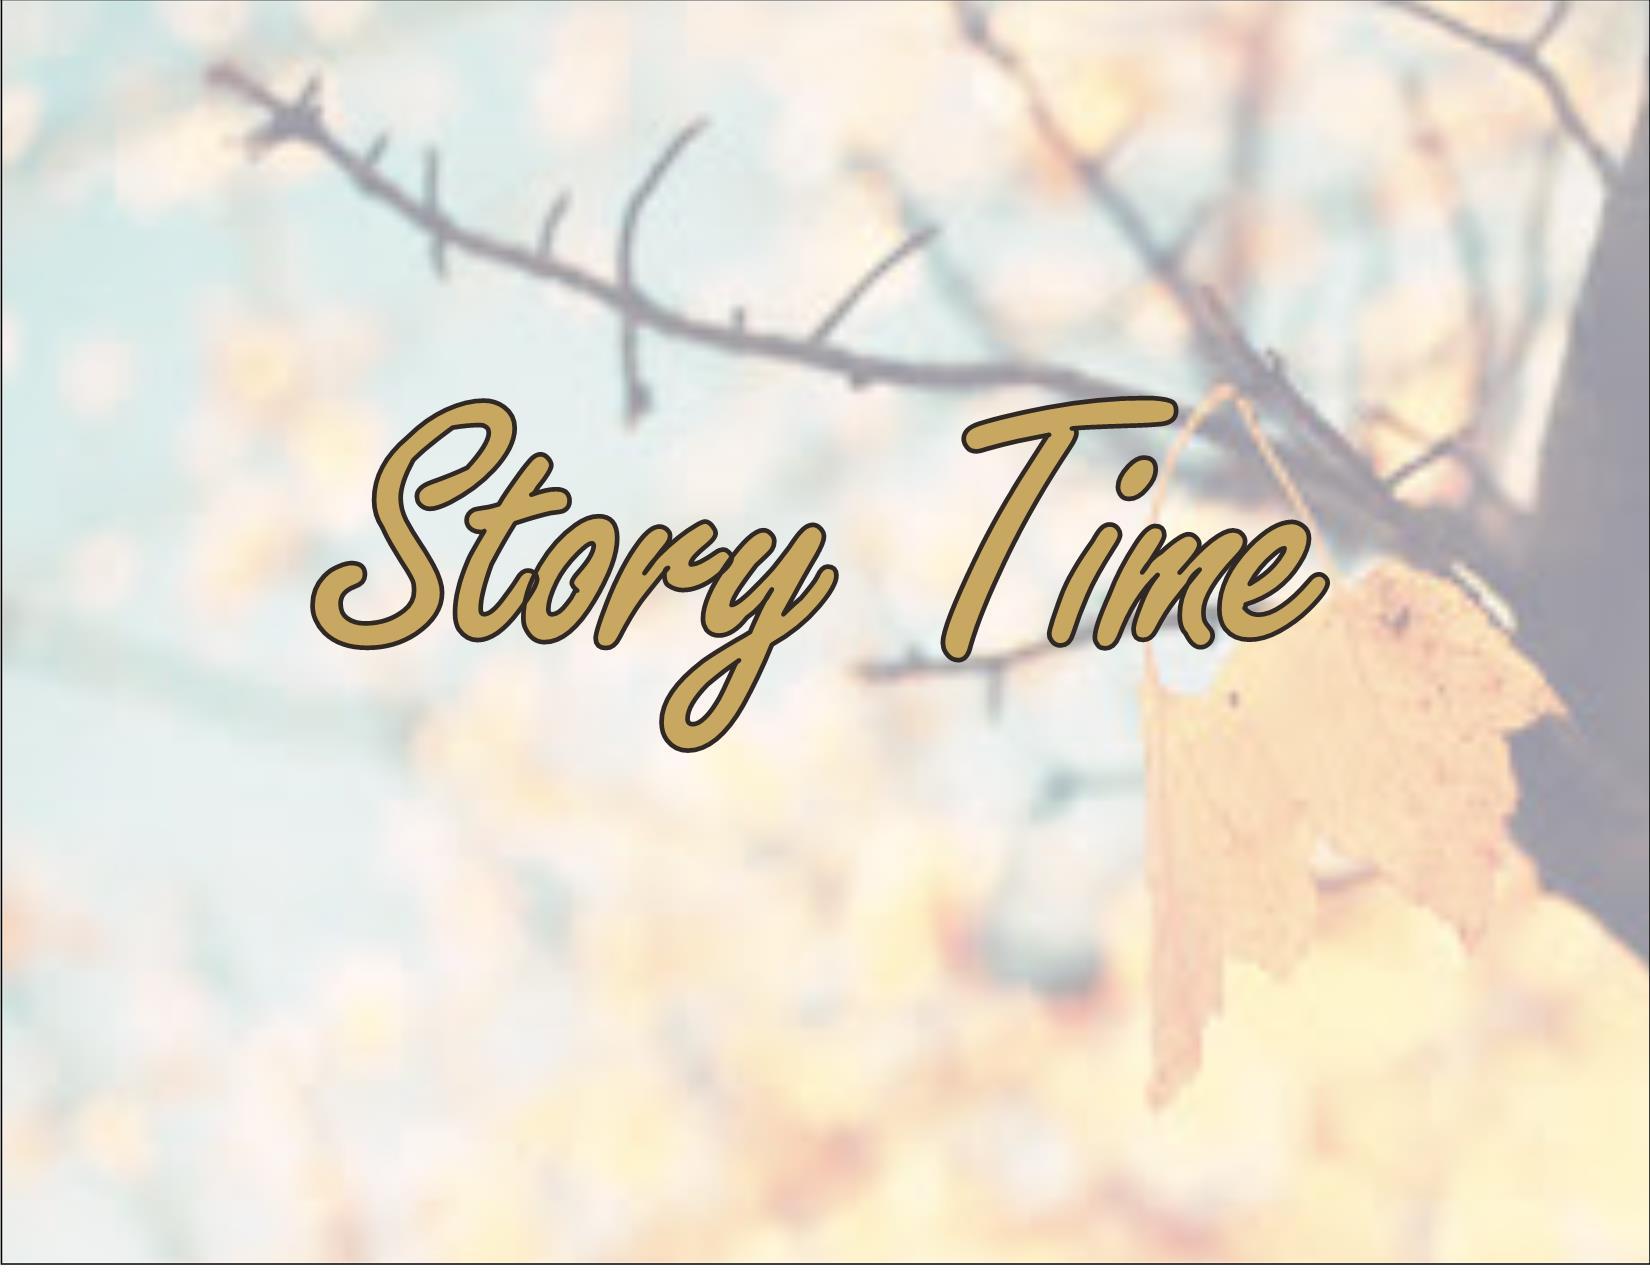 story time pub.jpg